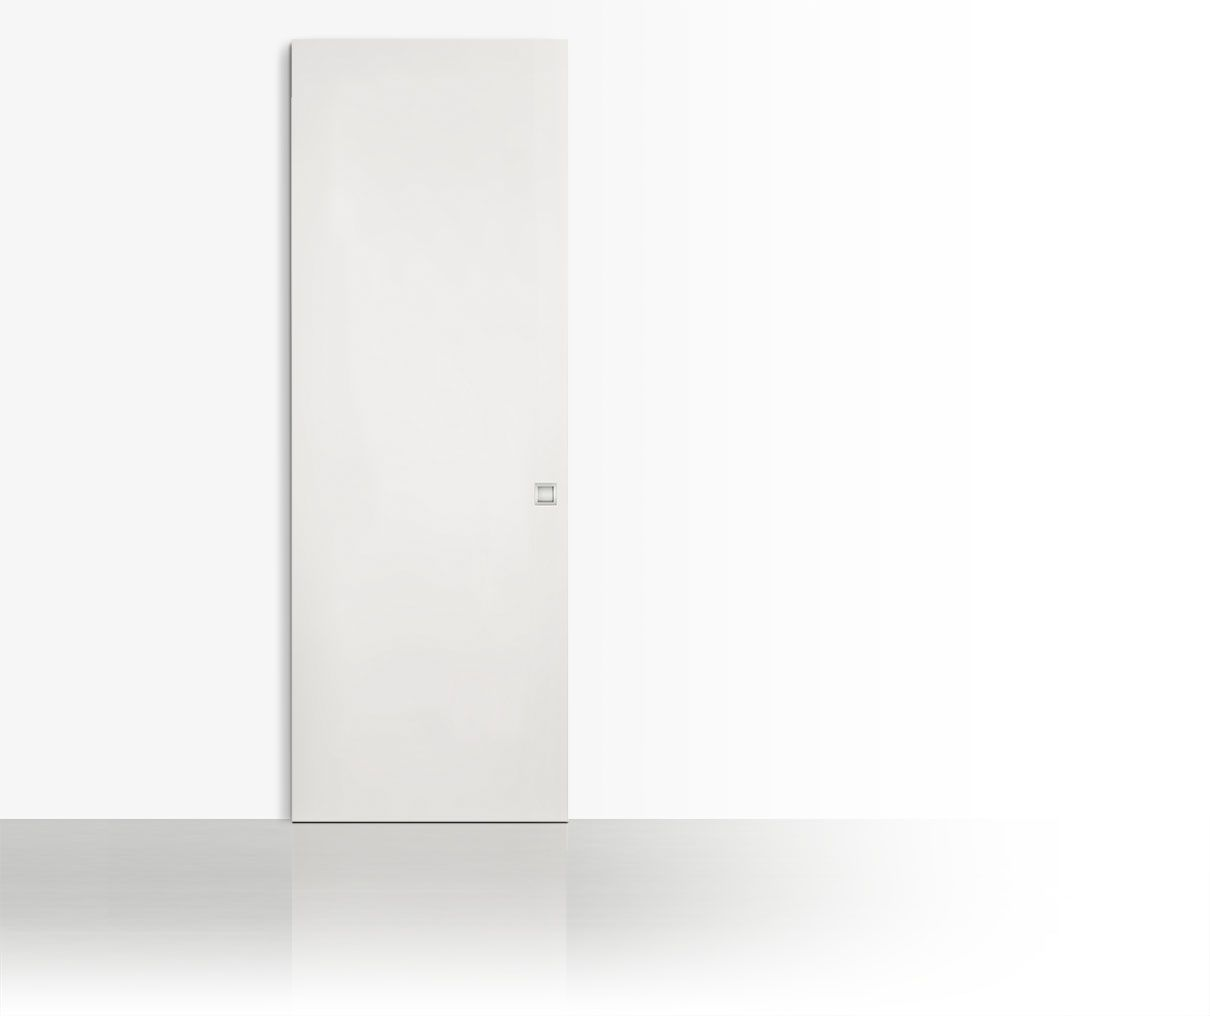 Ktm Türen uc doors sliding nixx bod or ktm niedermaier türen und fenster